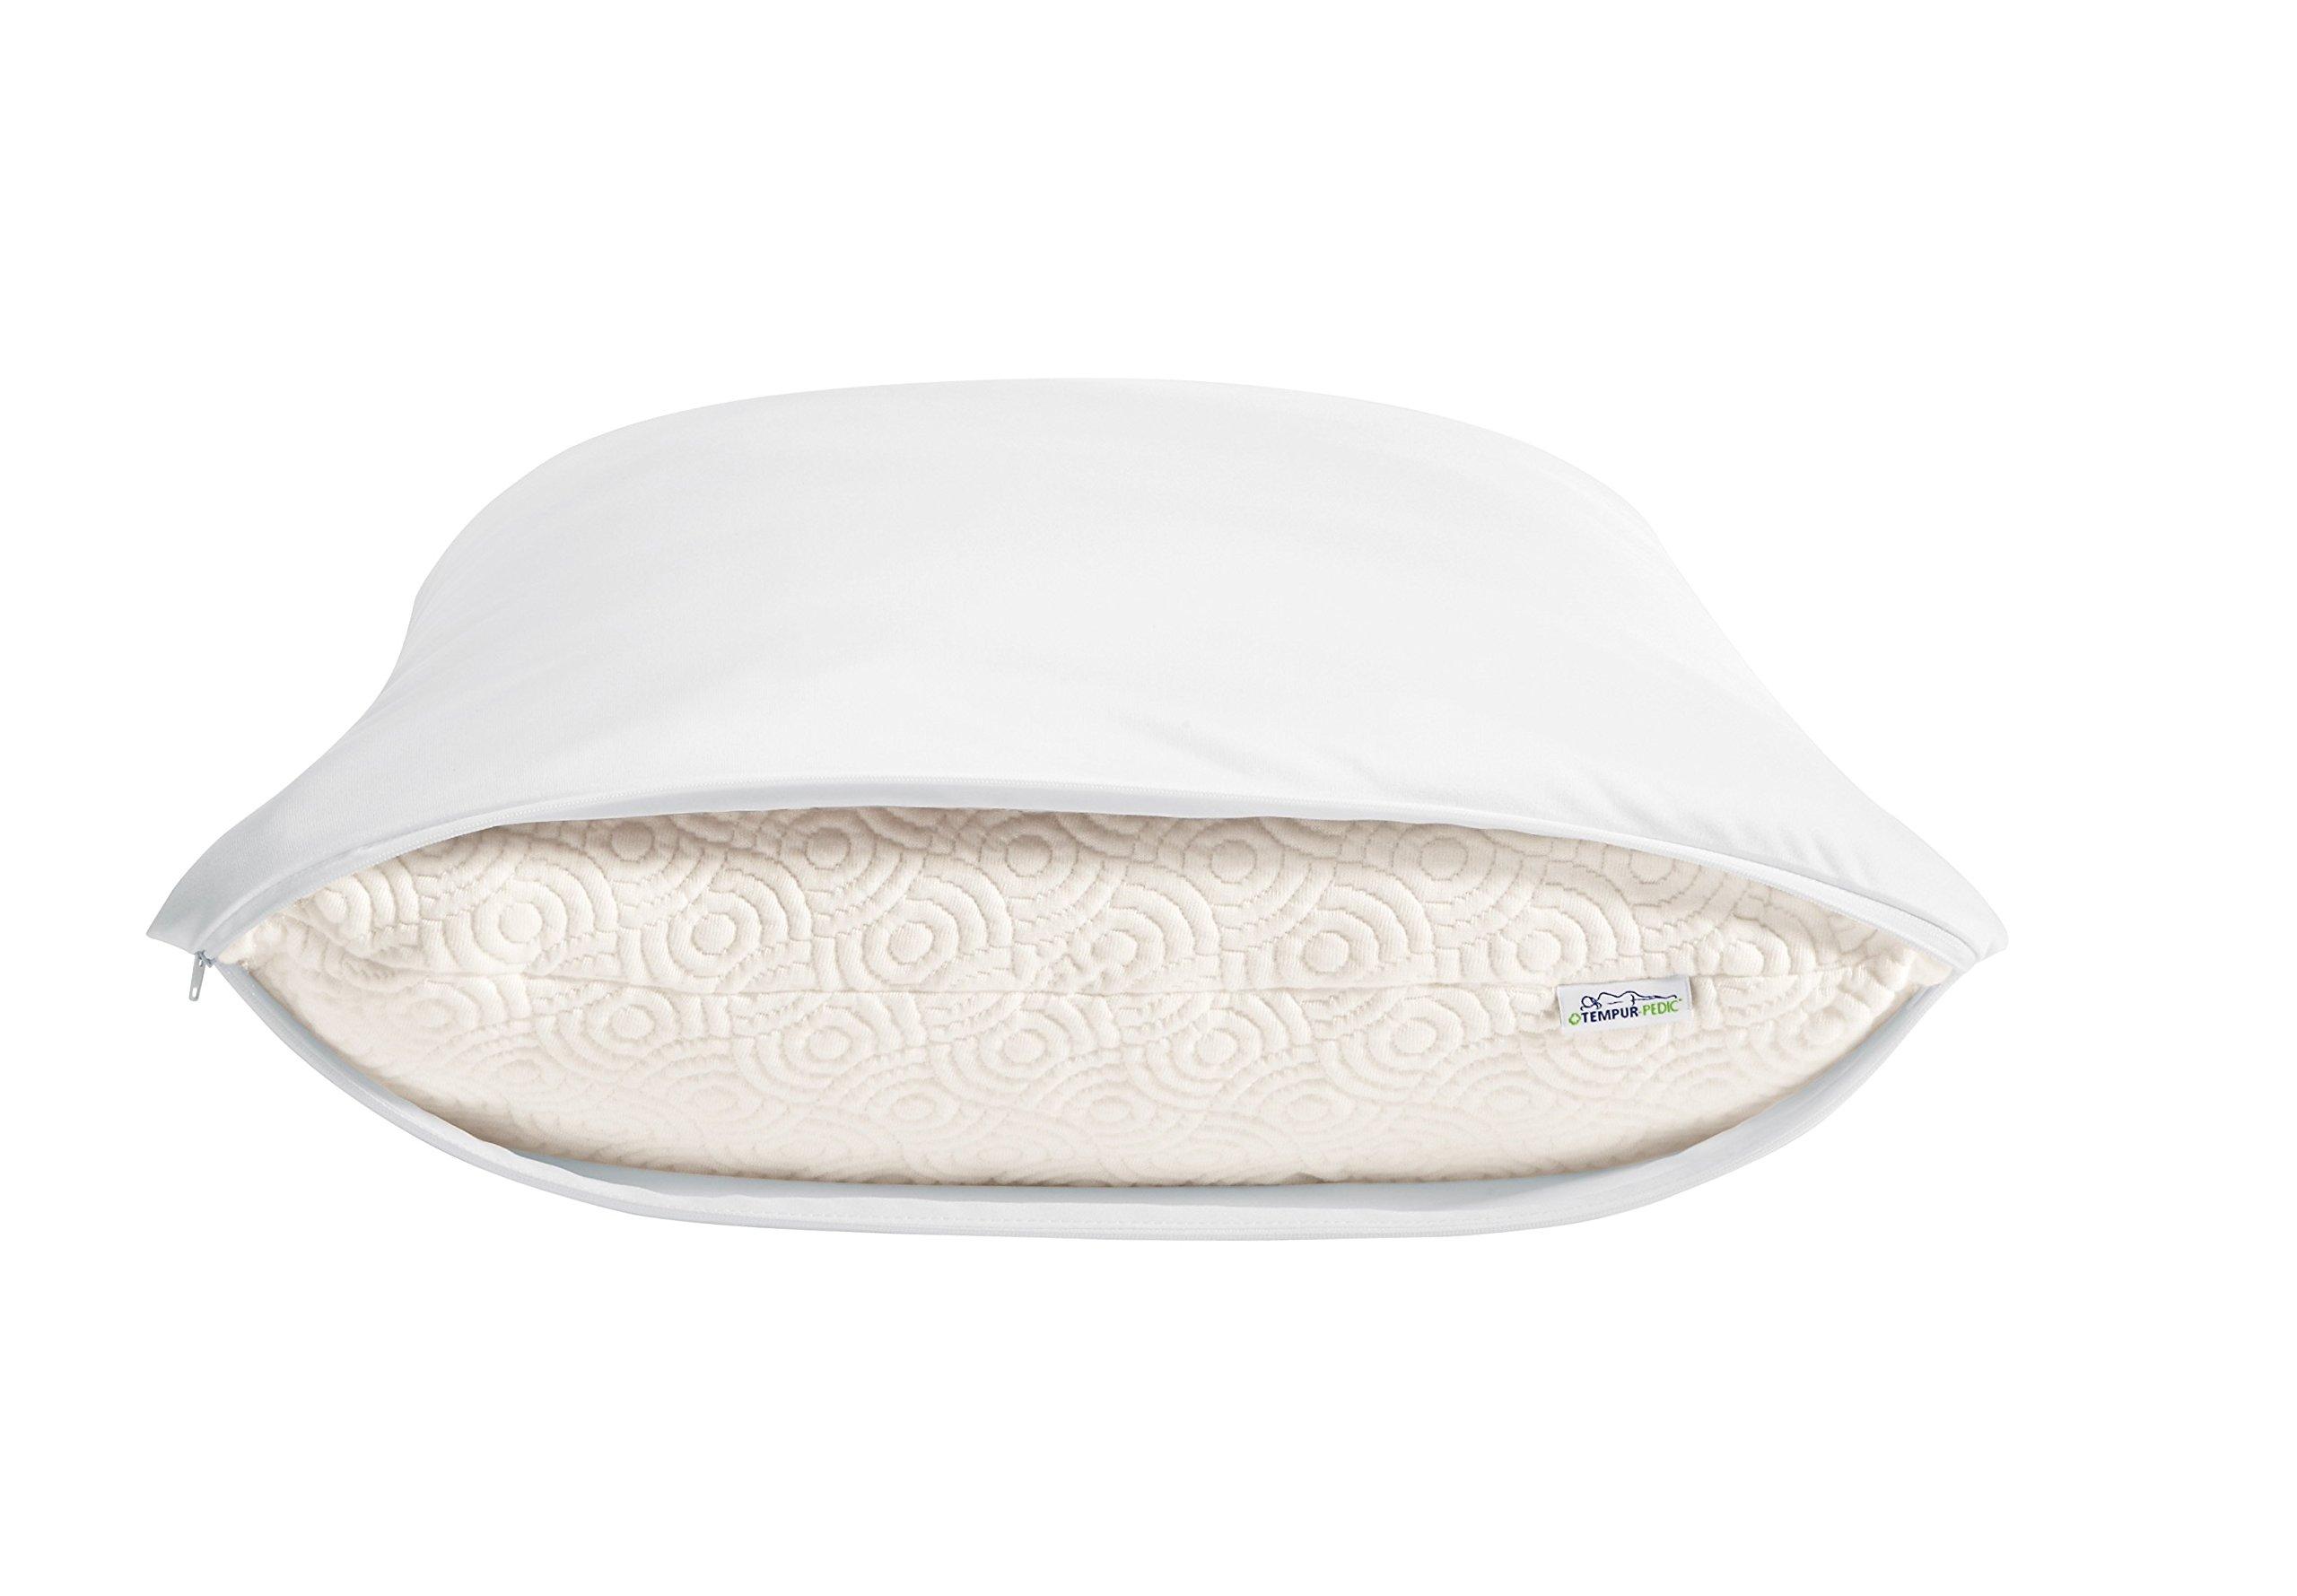 TEMPUR-Protect Cloud Pillow Protector, King